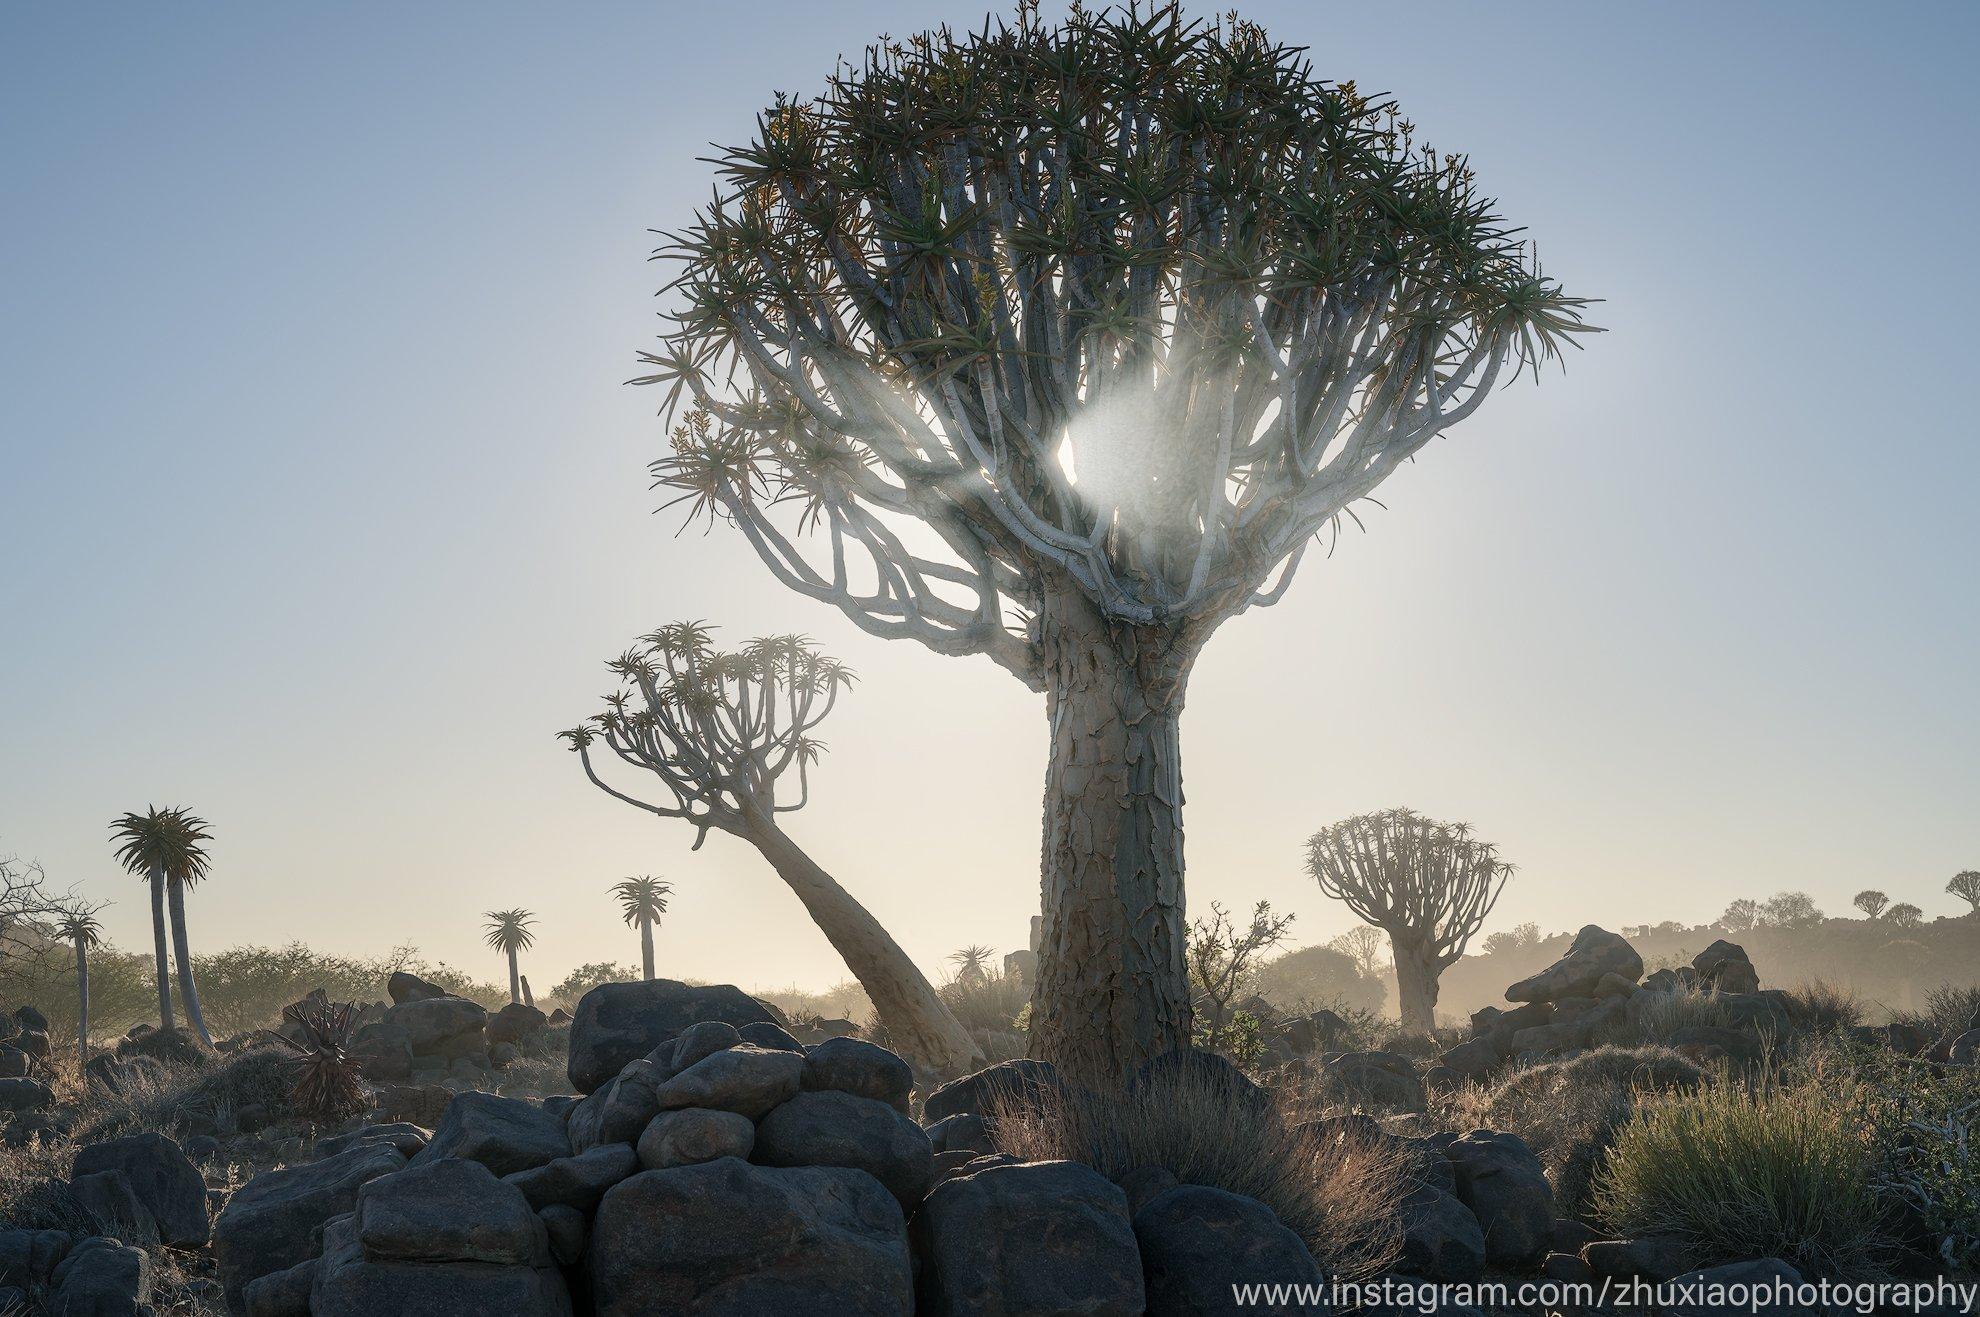 Namibia, Zhu Xiao